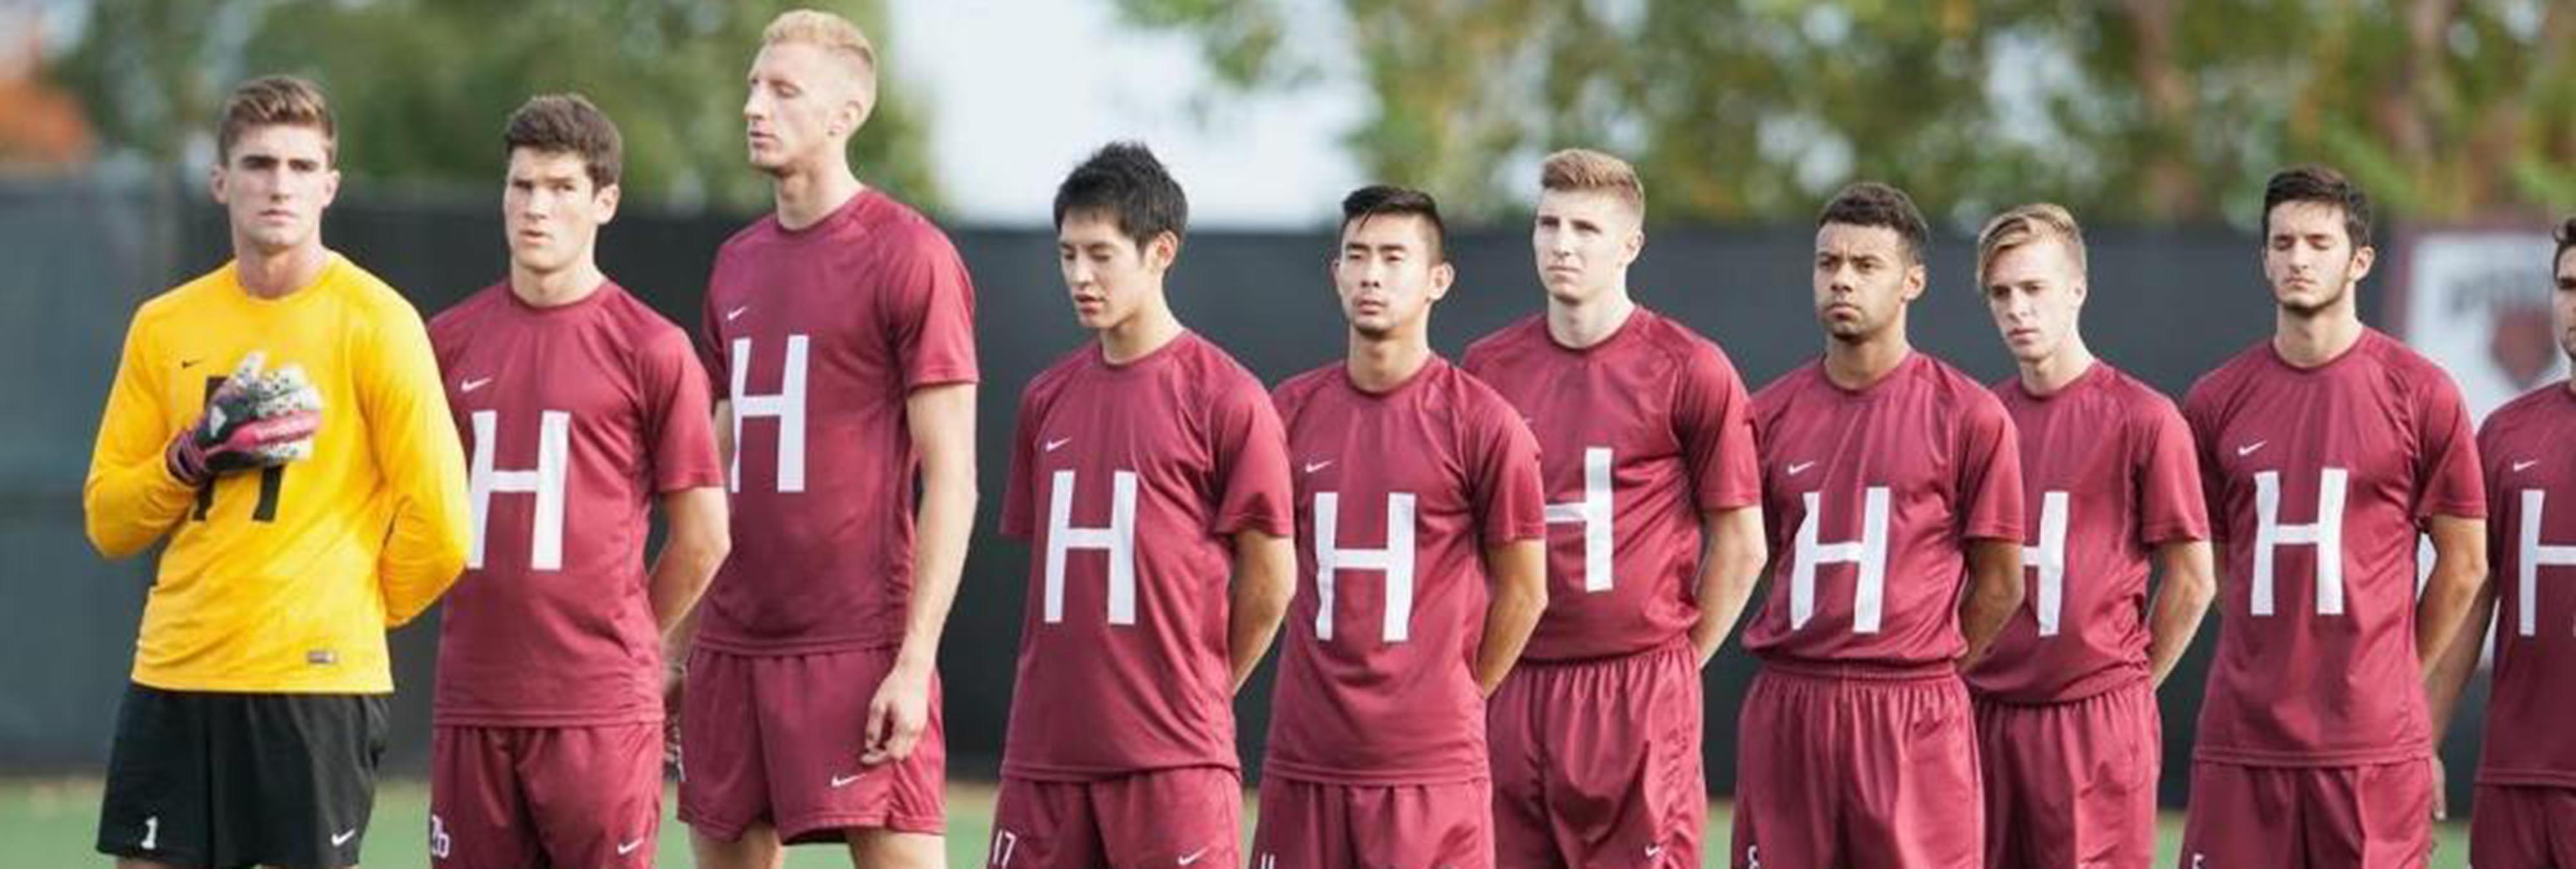 El machismo le ha costado caro al equipo de fútbol de Harvard